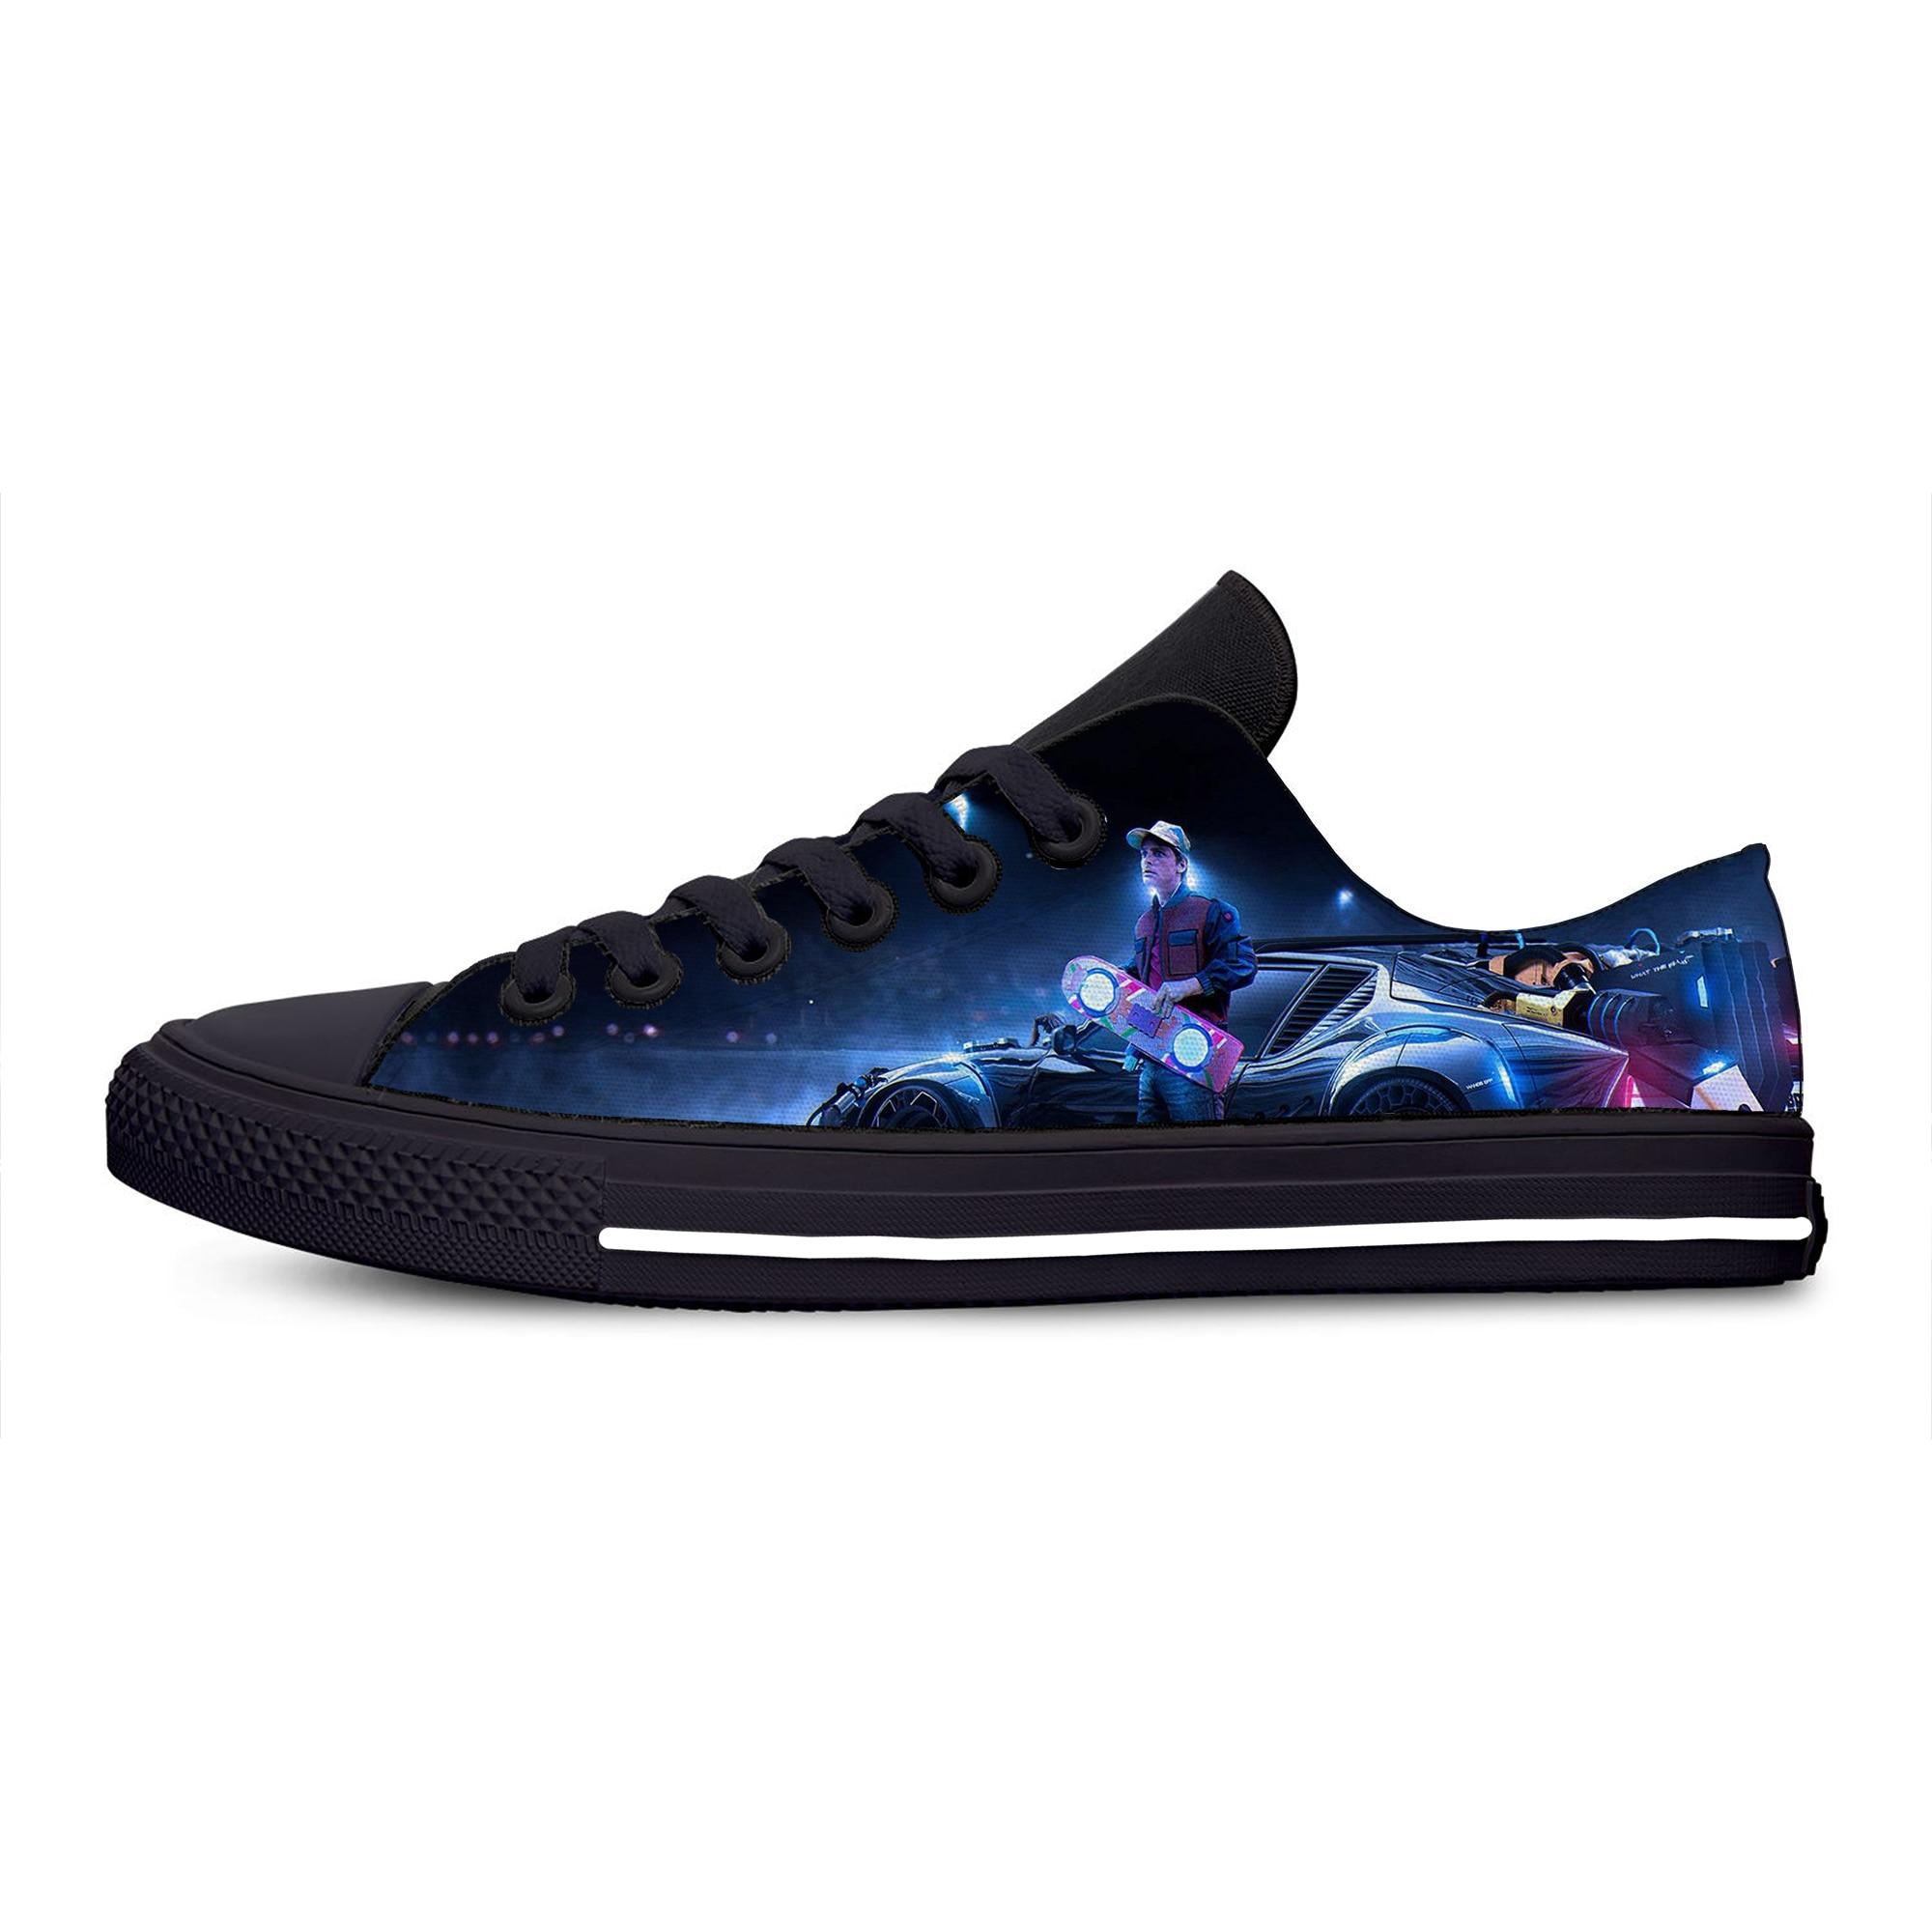 Забавные модные классические повседневные холщовые кроссовки с низким верхом из фильма Назад в будущее, легкие дышащие кроссовки с 3D принт...